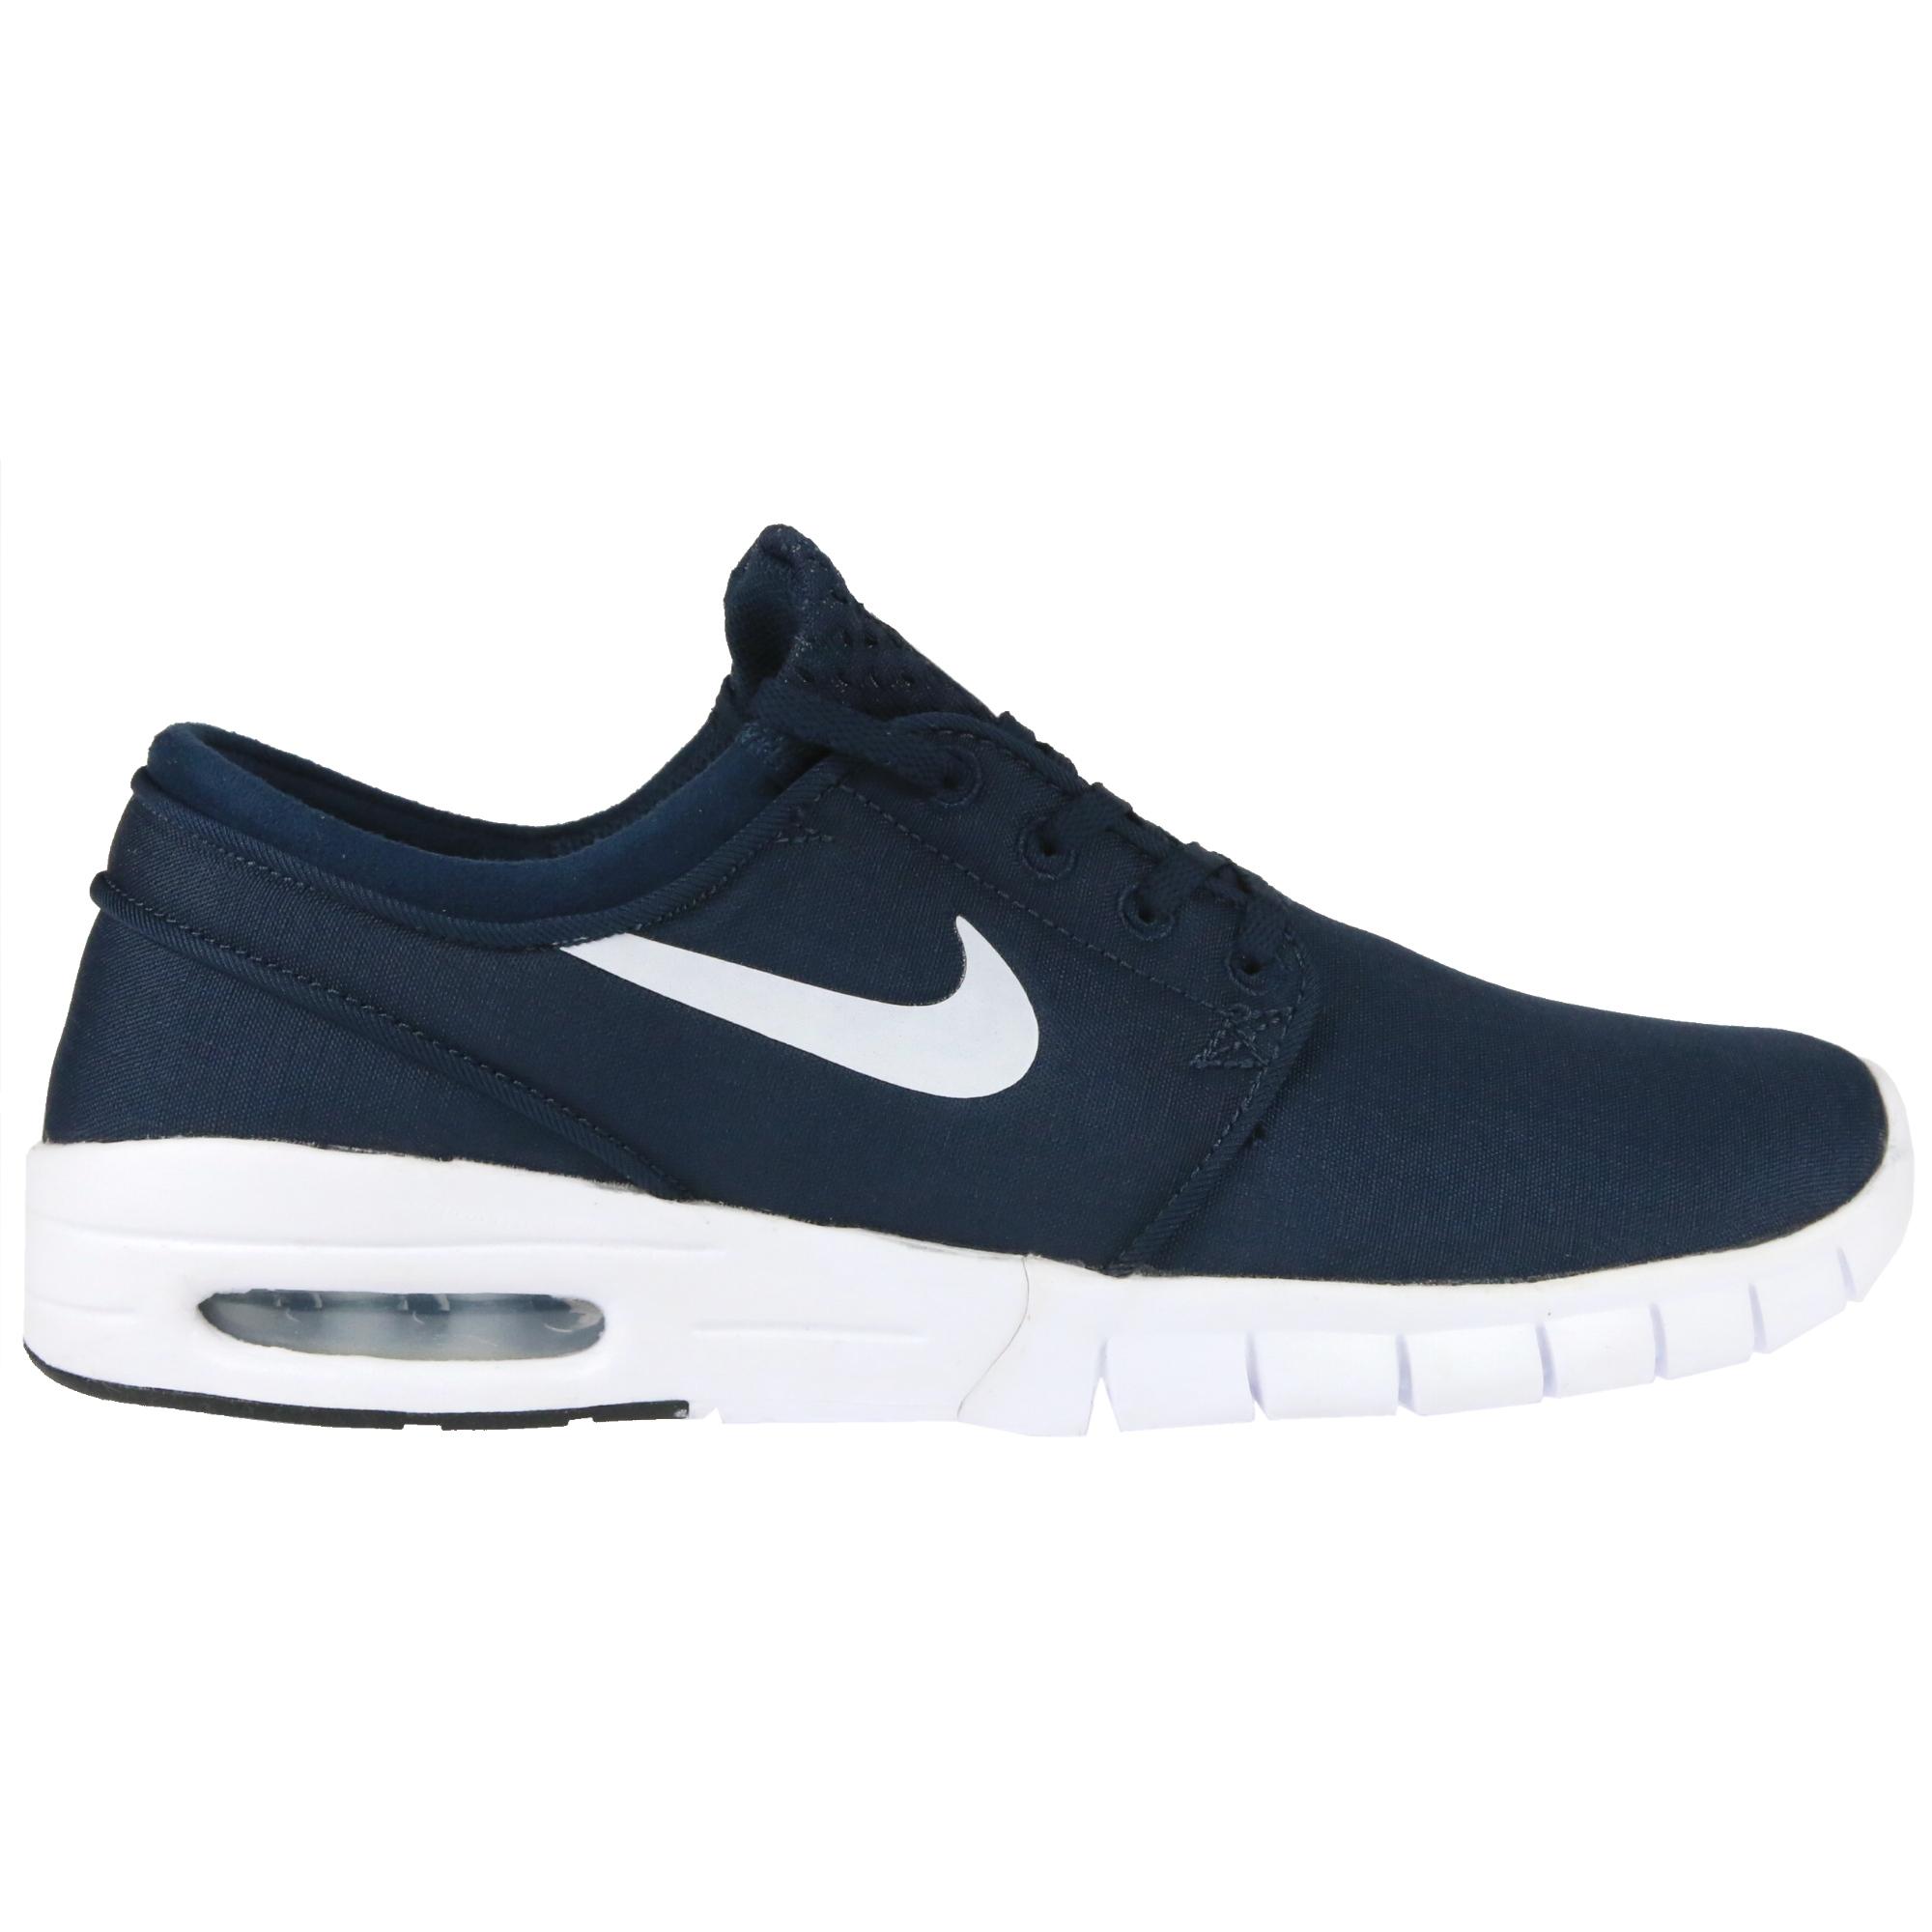 Janoski Schuhe